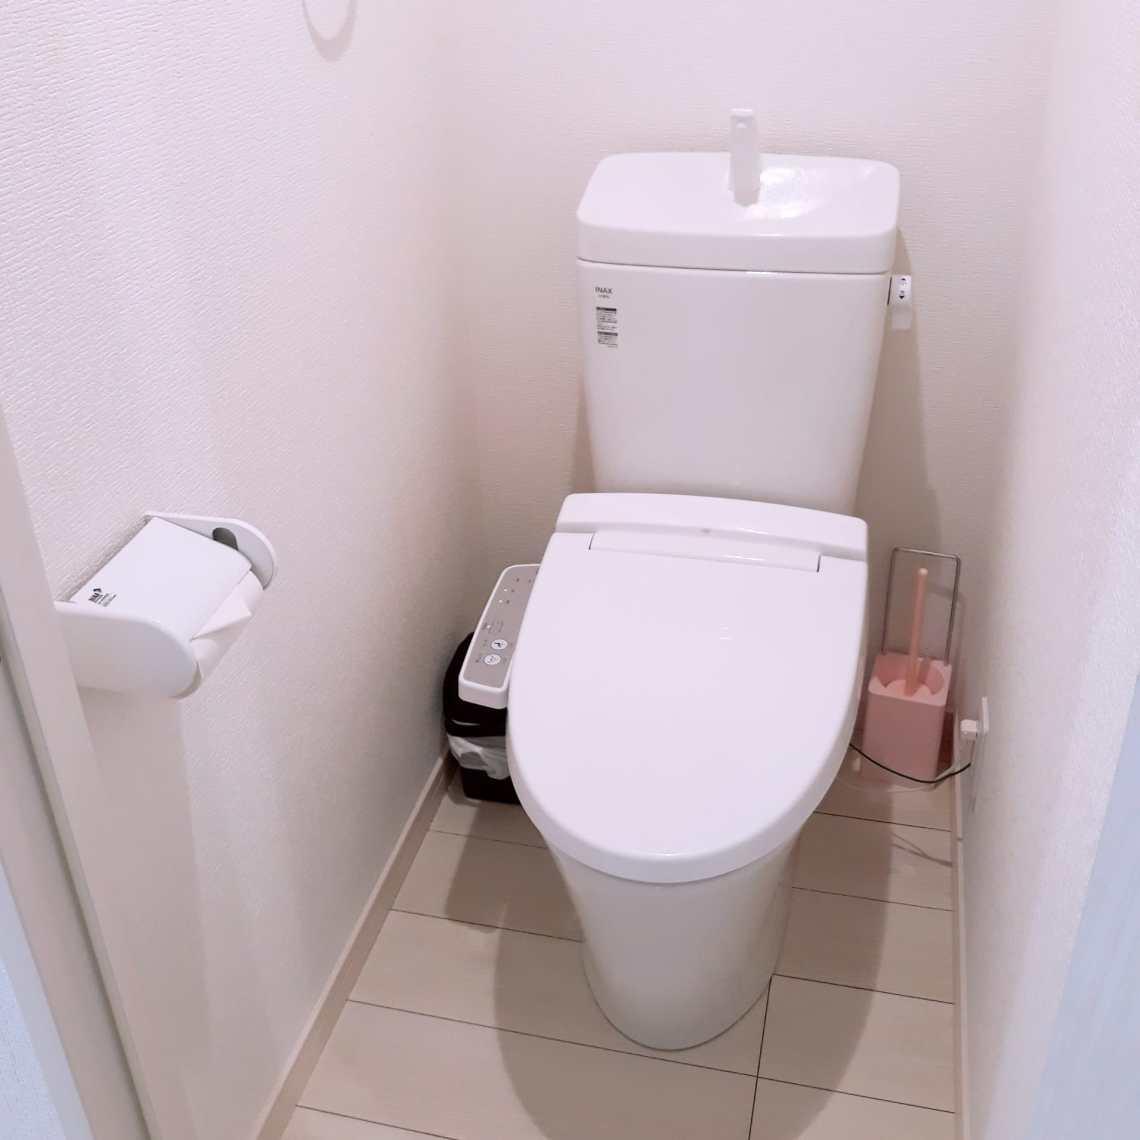 cv toilet